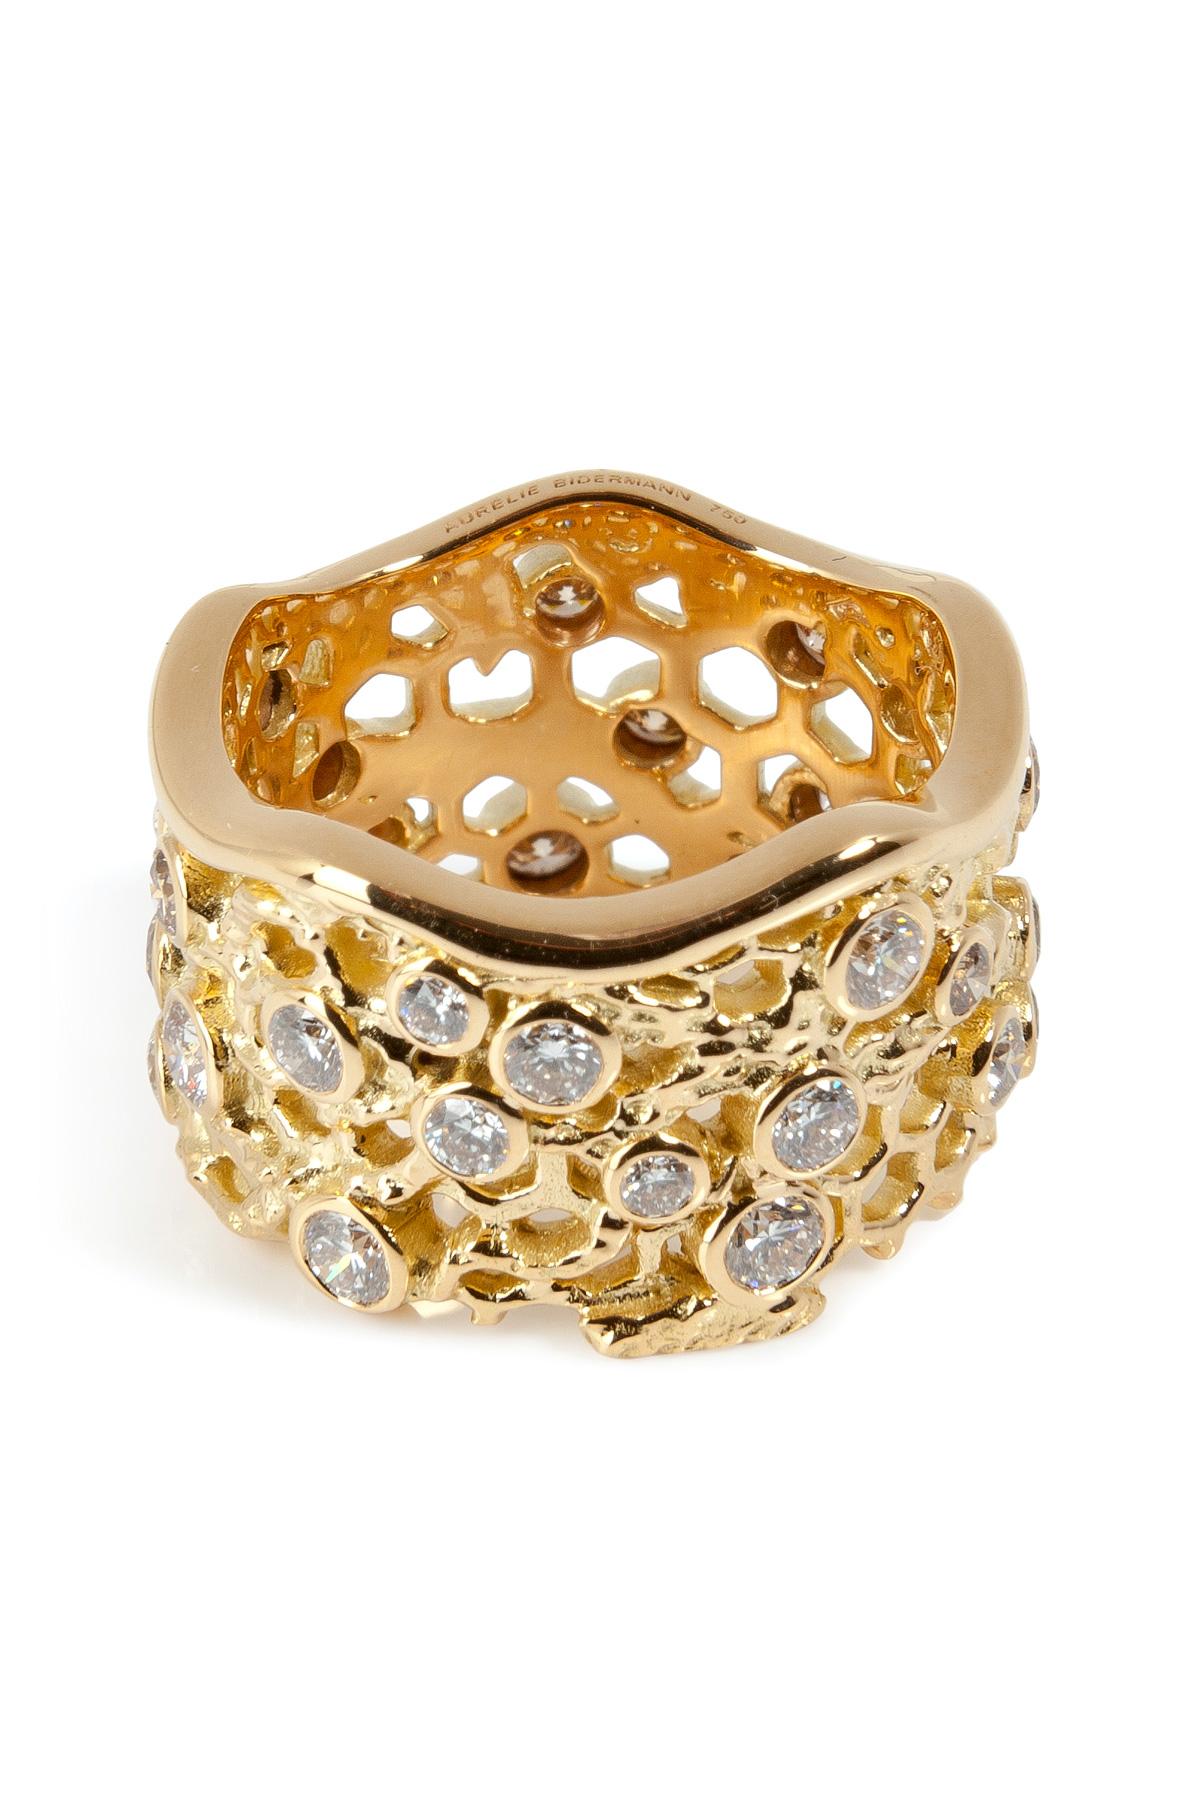 Staples Golden Ring